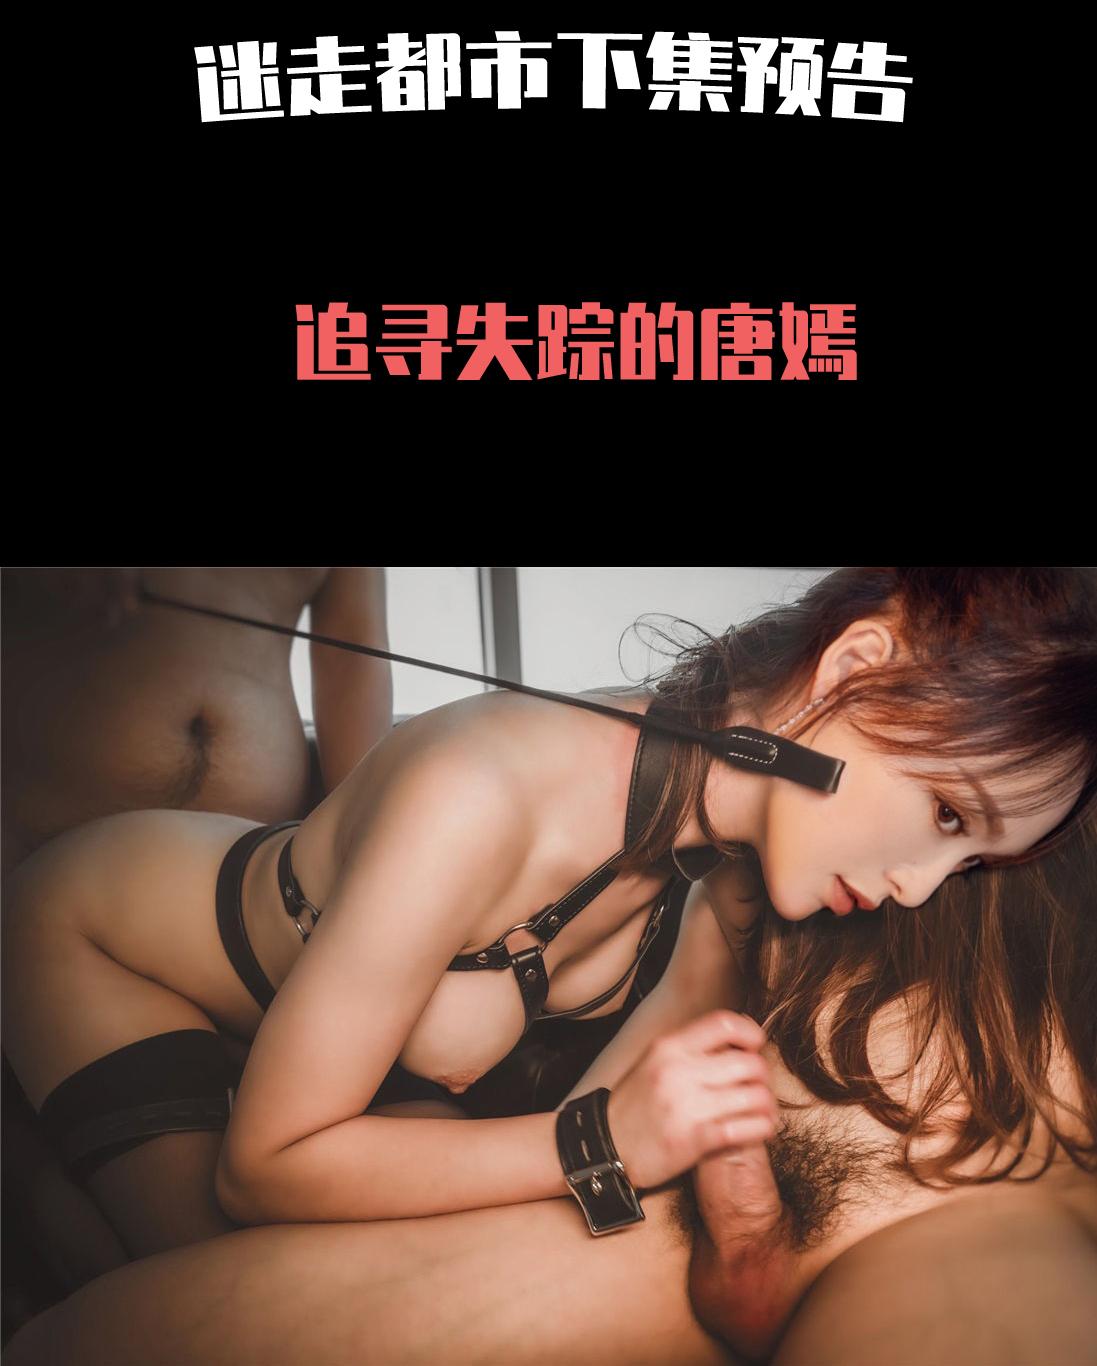 sexinsex|明星合成图 唐嫣